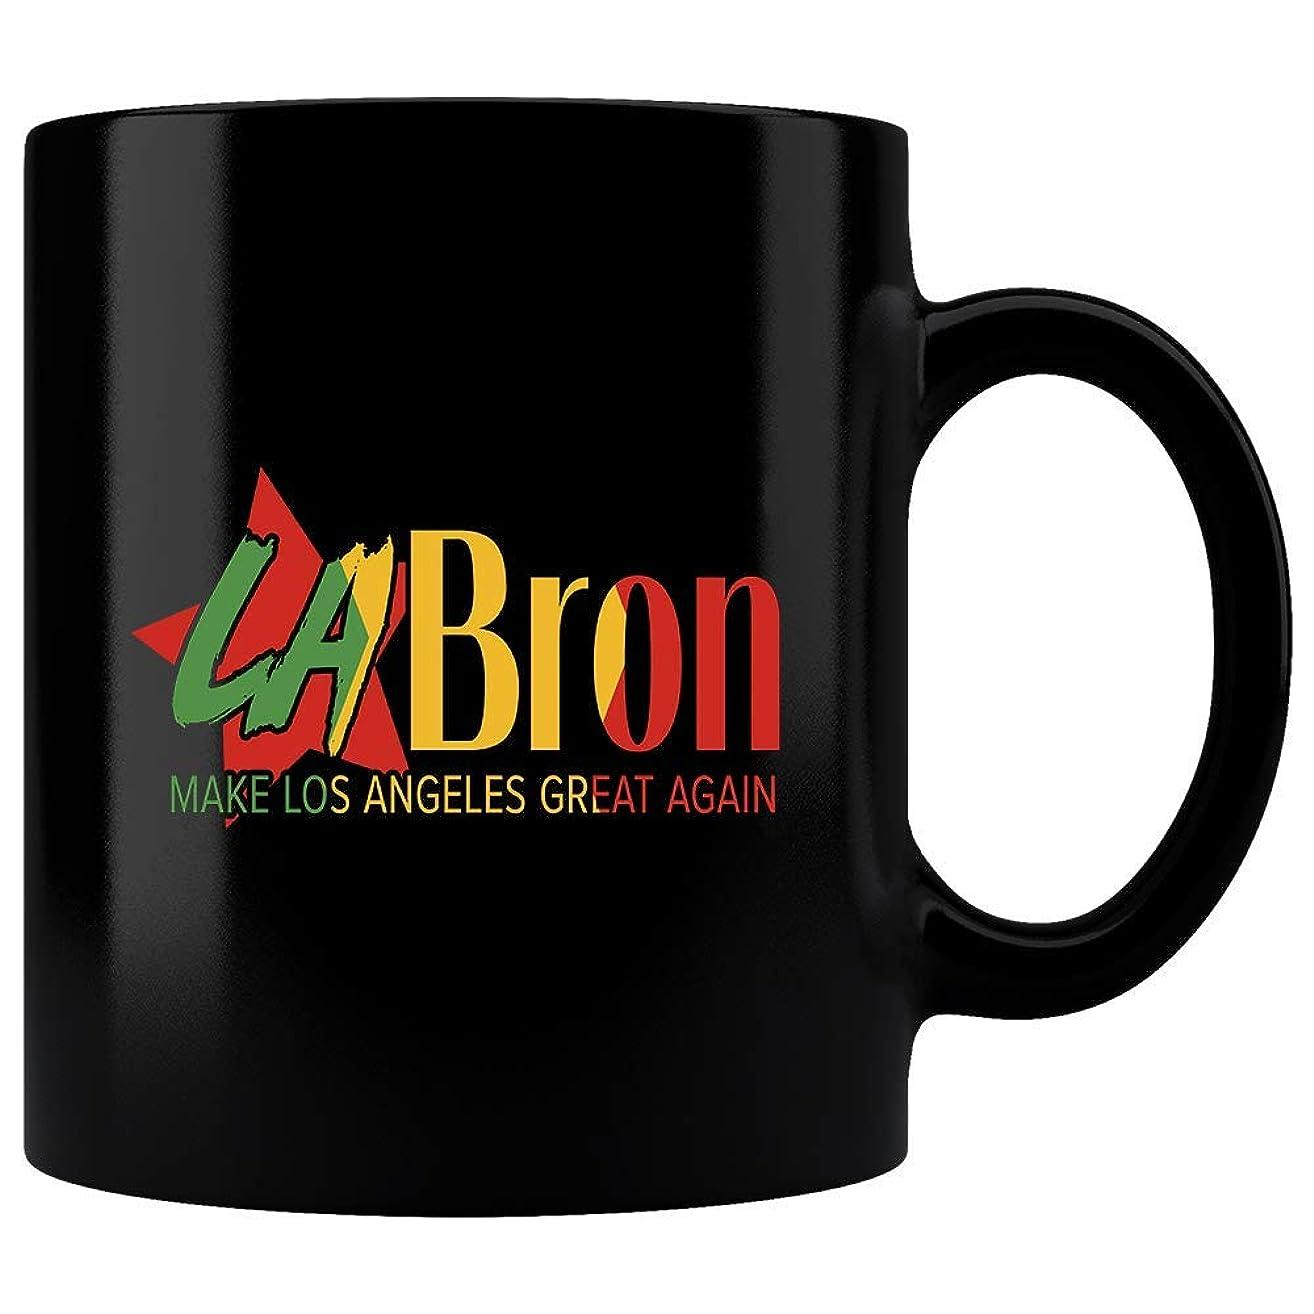 LABron Make Los Angeles Great Again Mug, NBA, LaBron, Labron James, Lakers, basketball mug, mug, basketball gift, cups, basketball, basketball fan gift, nba mug, sports fan